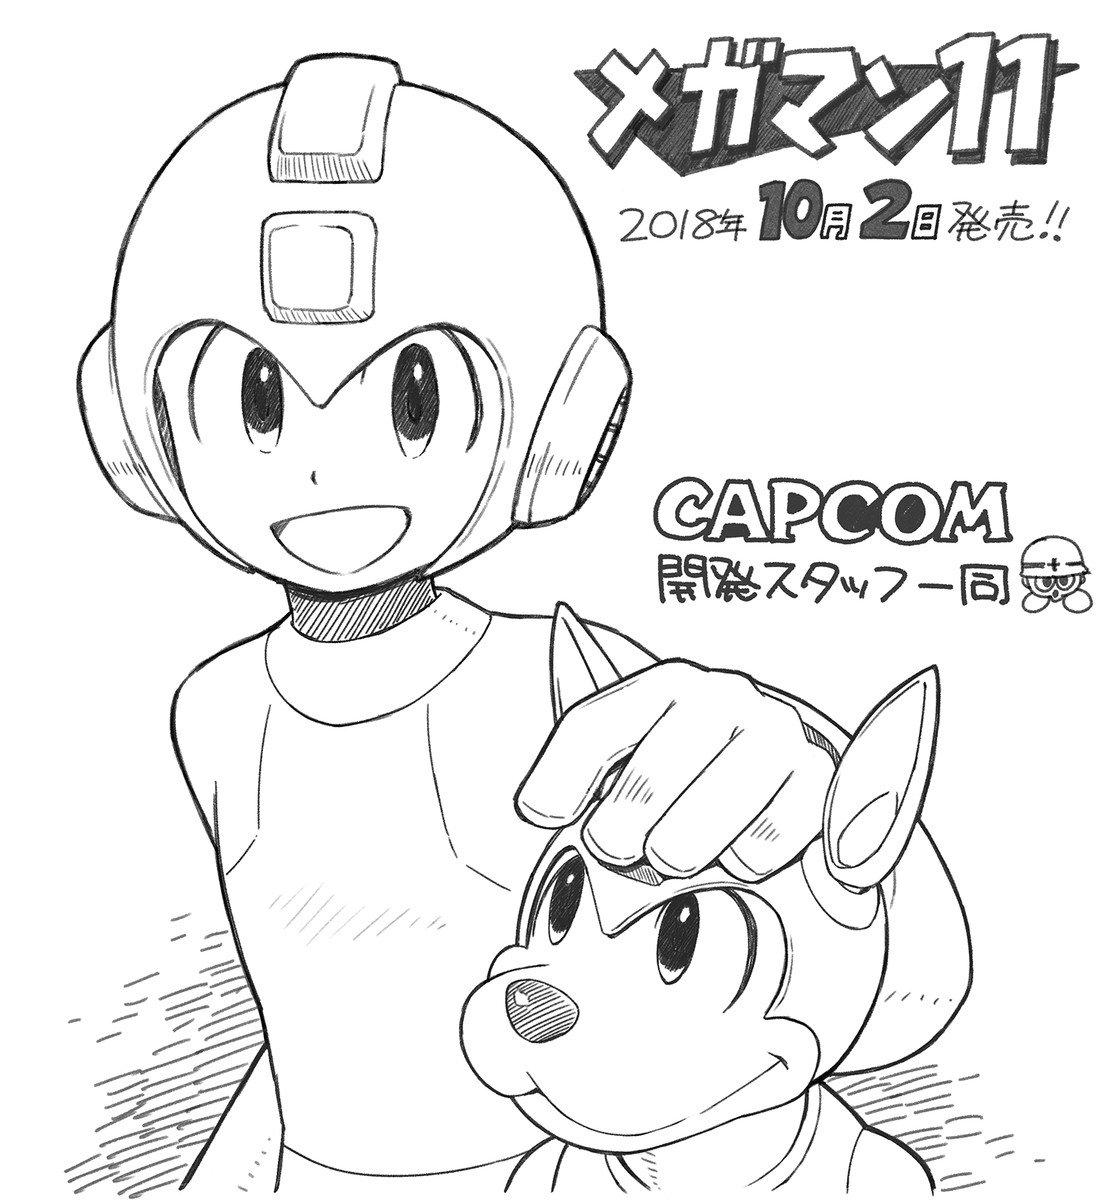 Capcom pone en marcha la película de acción real de Mega Man